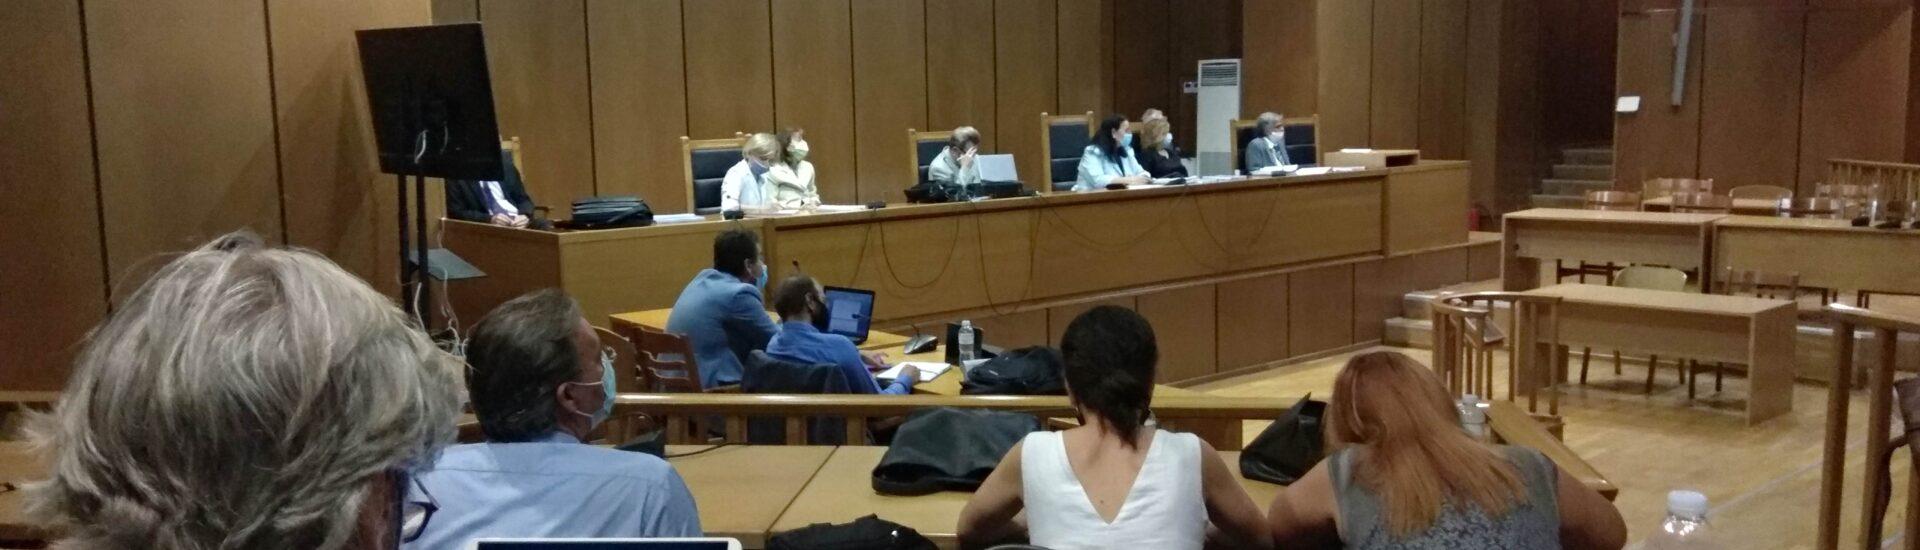 Δήλωση της οικογένειας Φύσσα για το τέλος της δικαστικής διαδικασίας